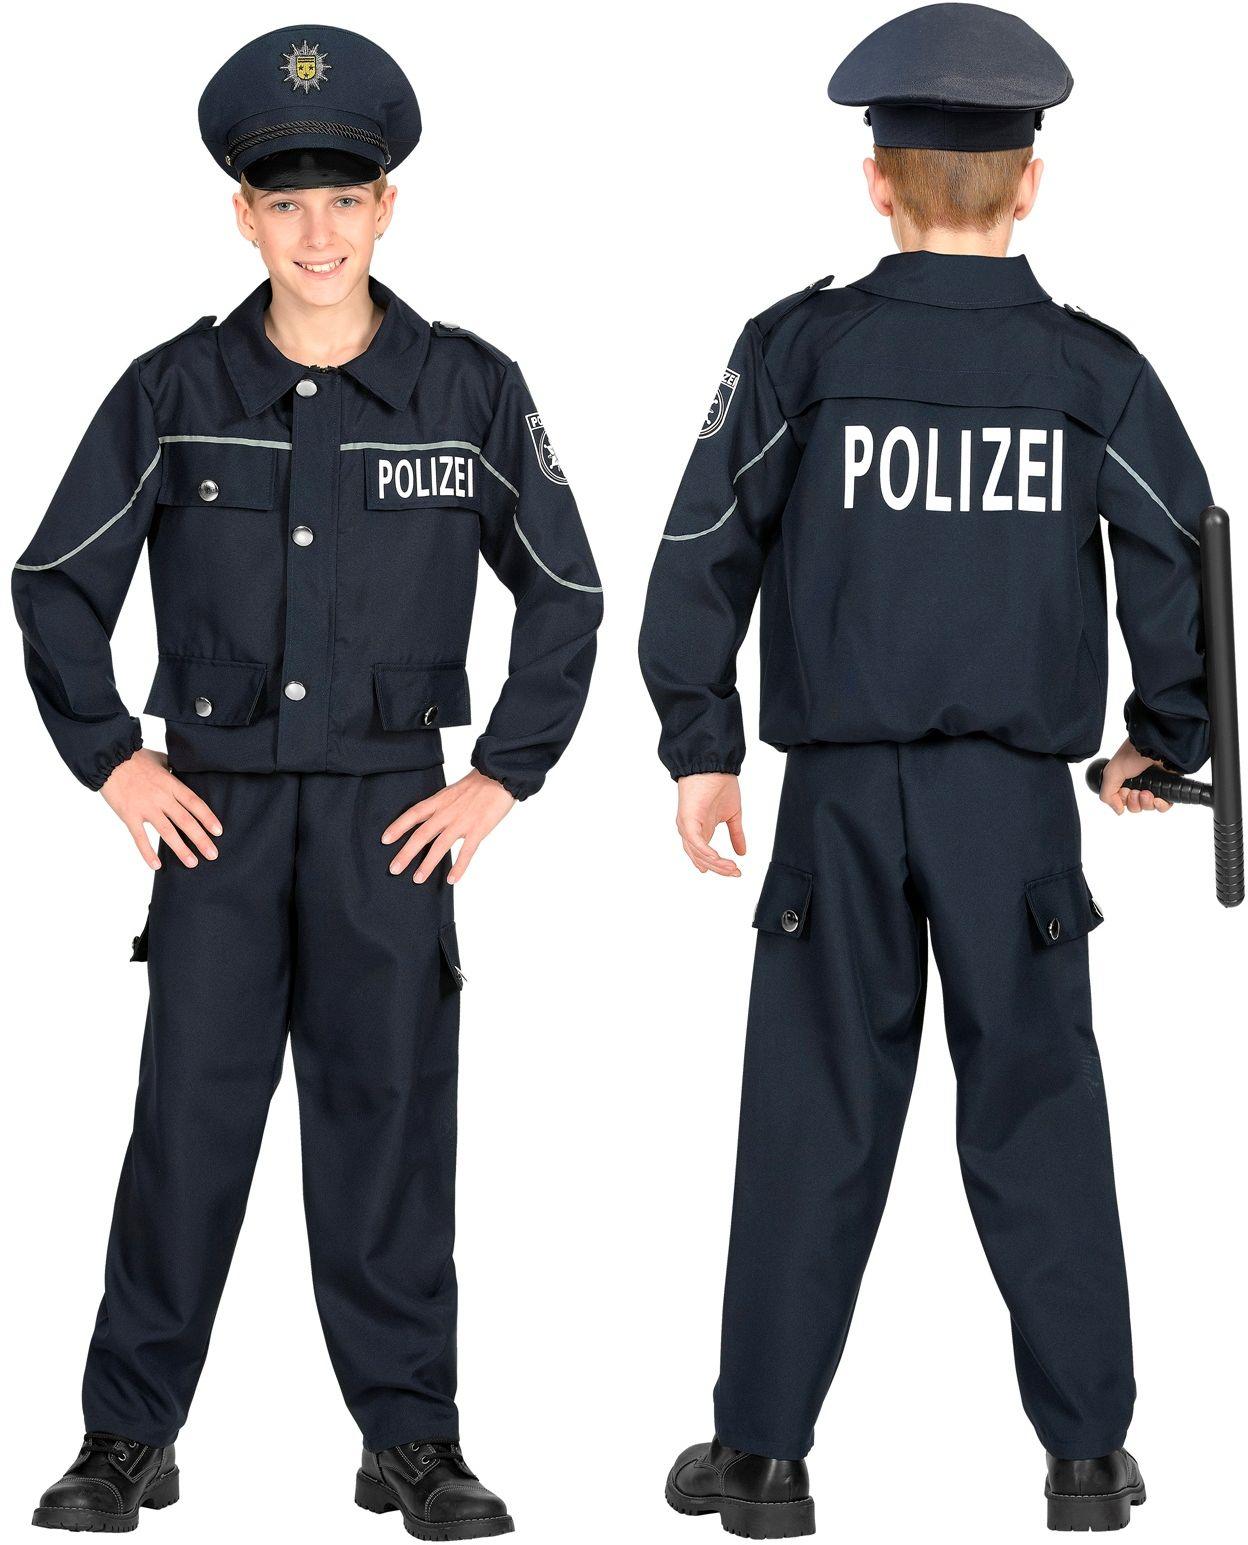 Duits Politie kostuum kind